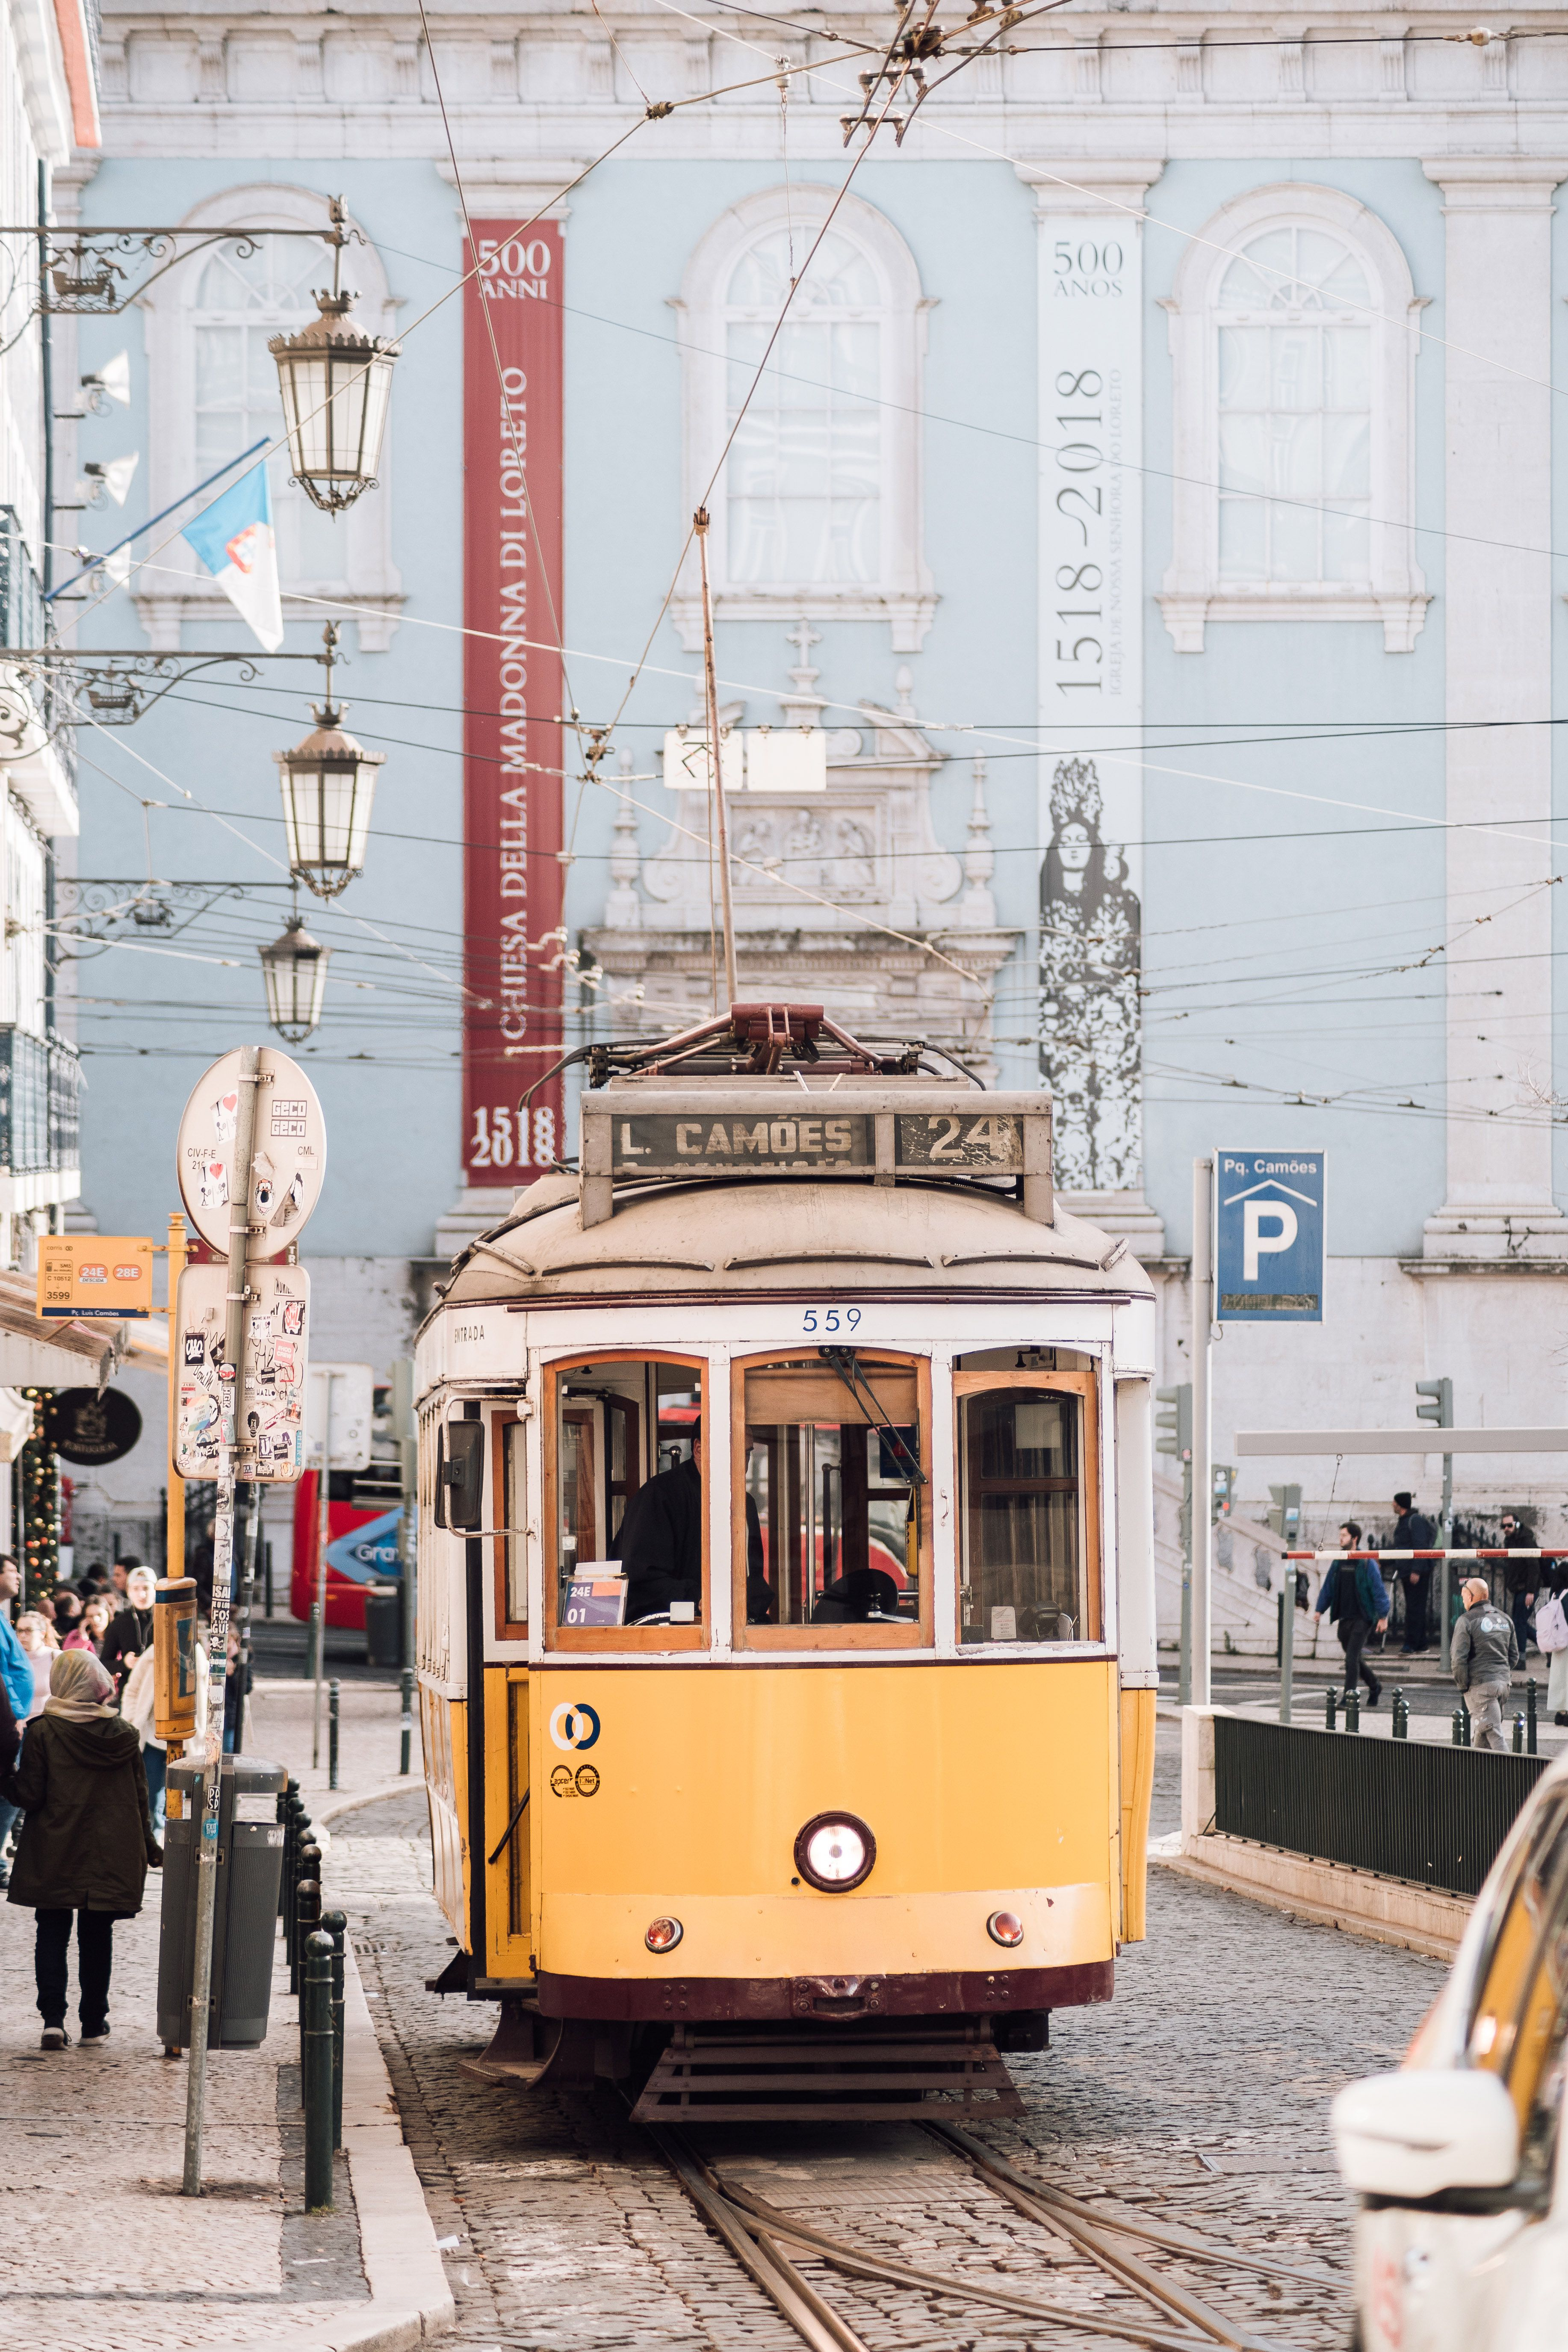 The tram in Lisbon